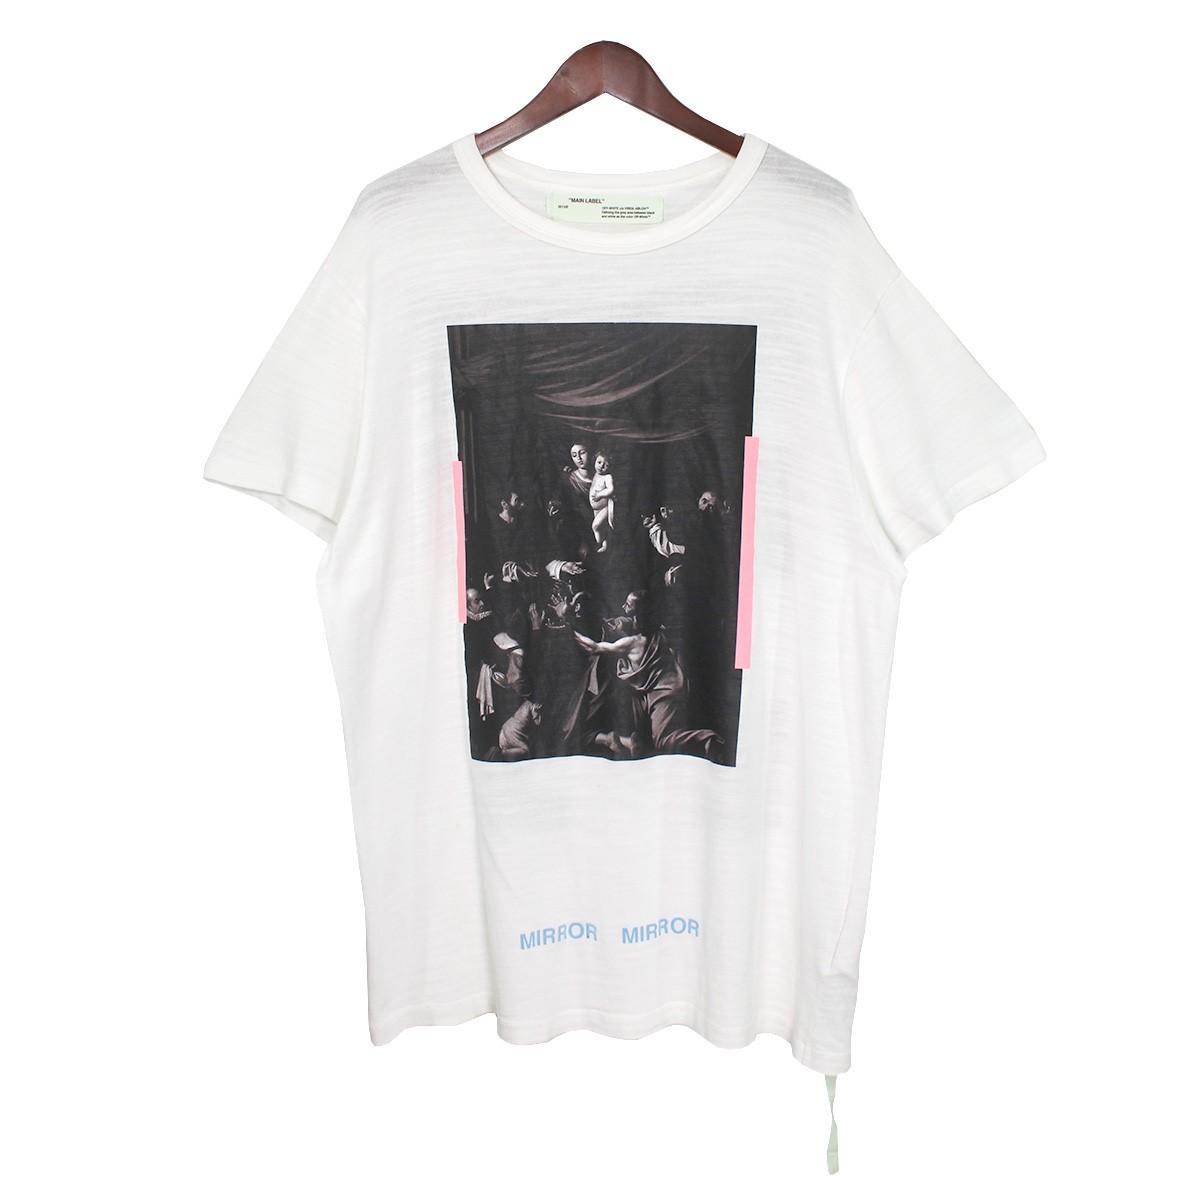 【中古】OFF WHITE17SS DIGA CARAVAGGIO バックロゴカラヴァッジョプリントTシャツ ホワイト サイズ:S 【3月30日見直し】